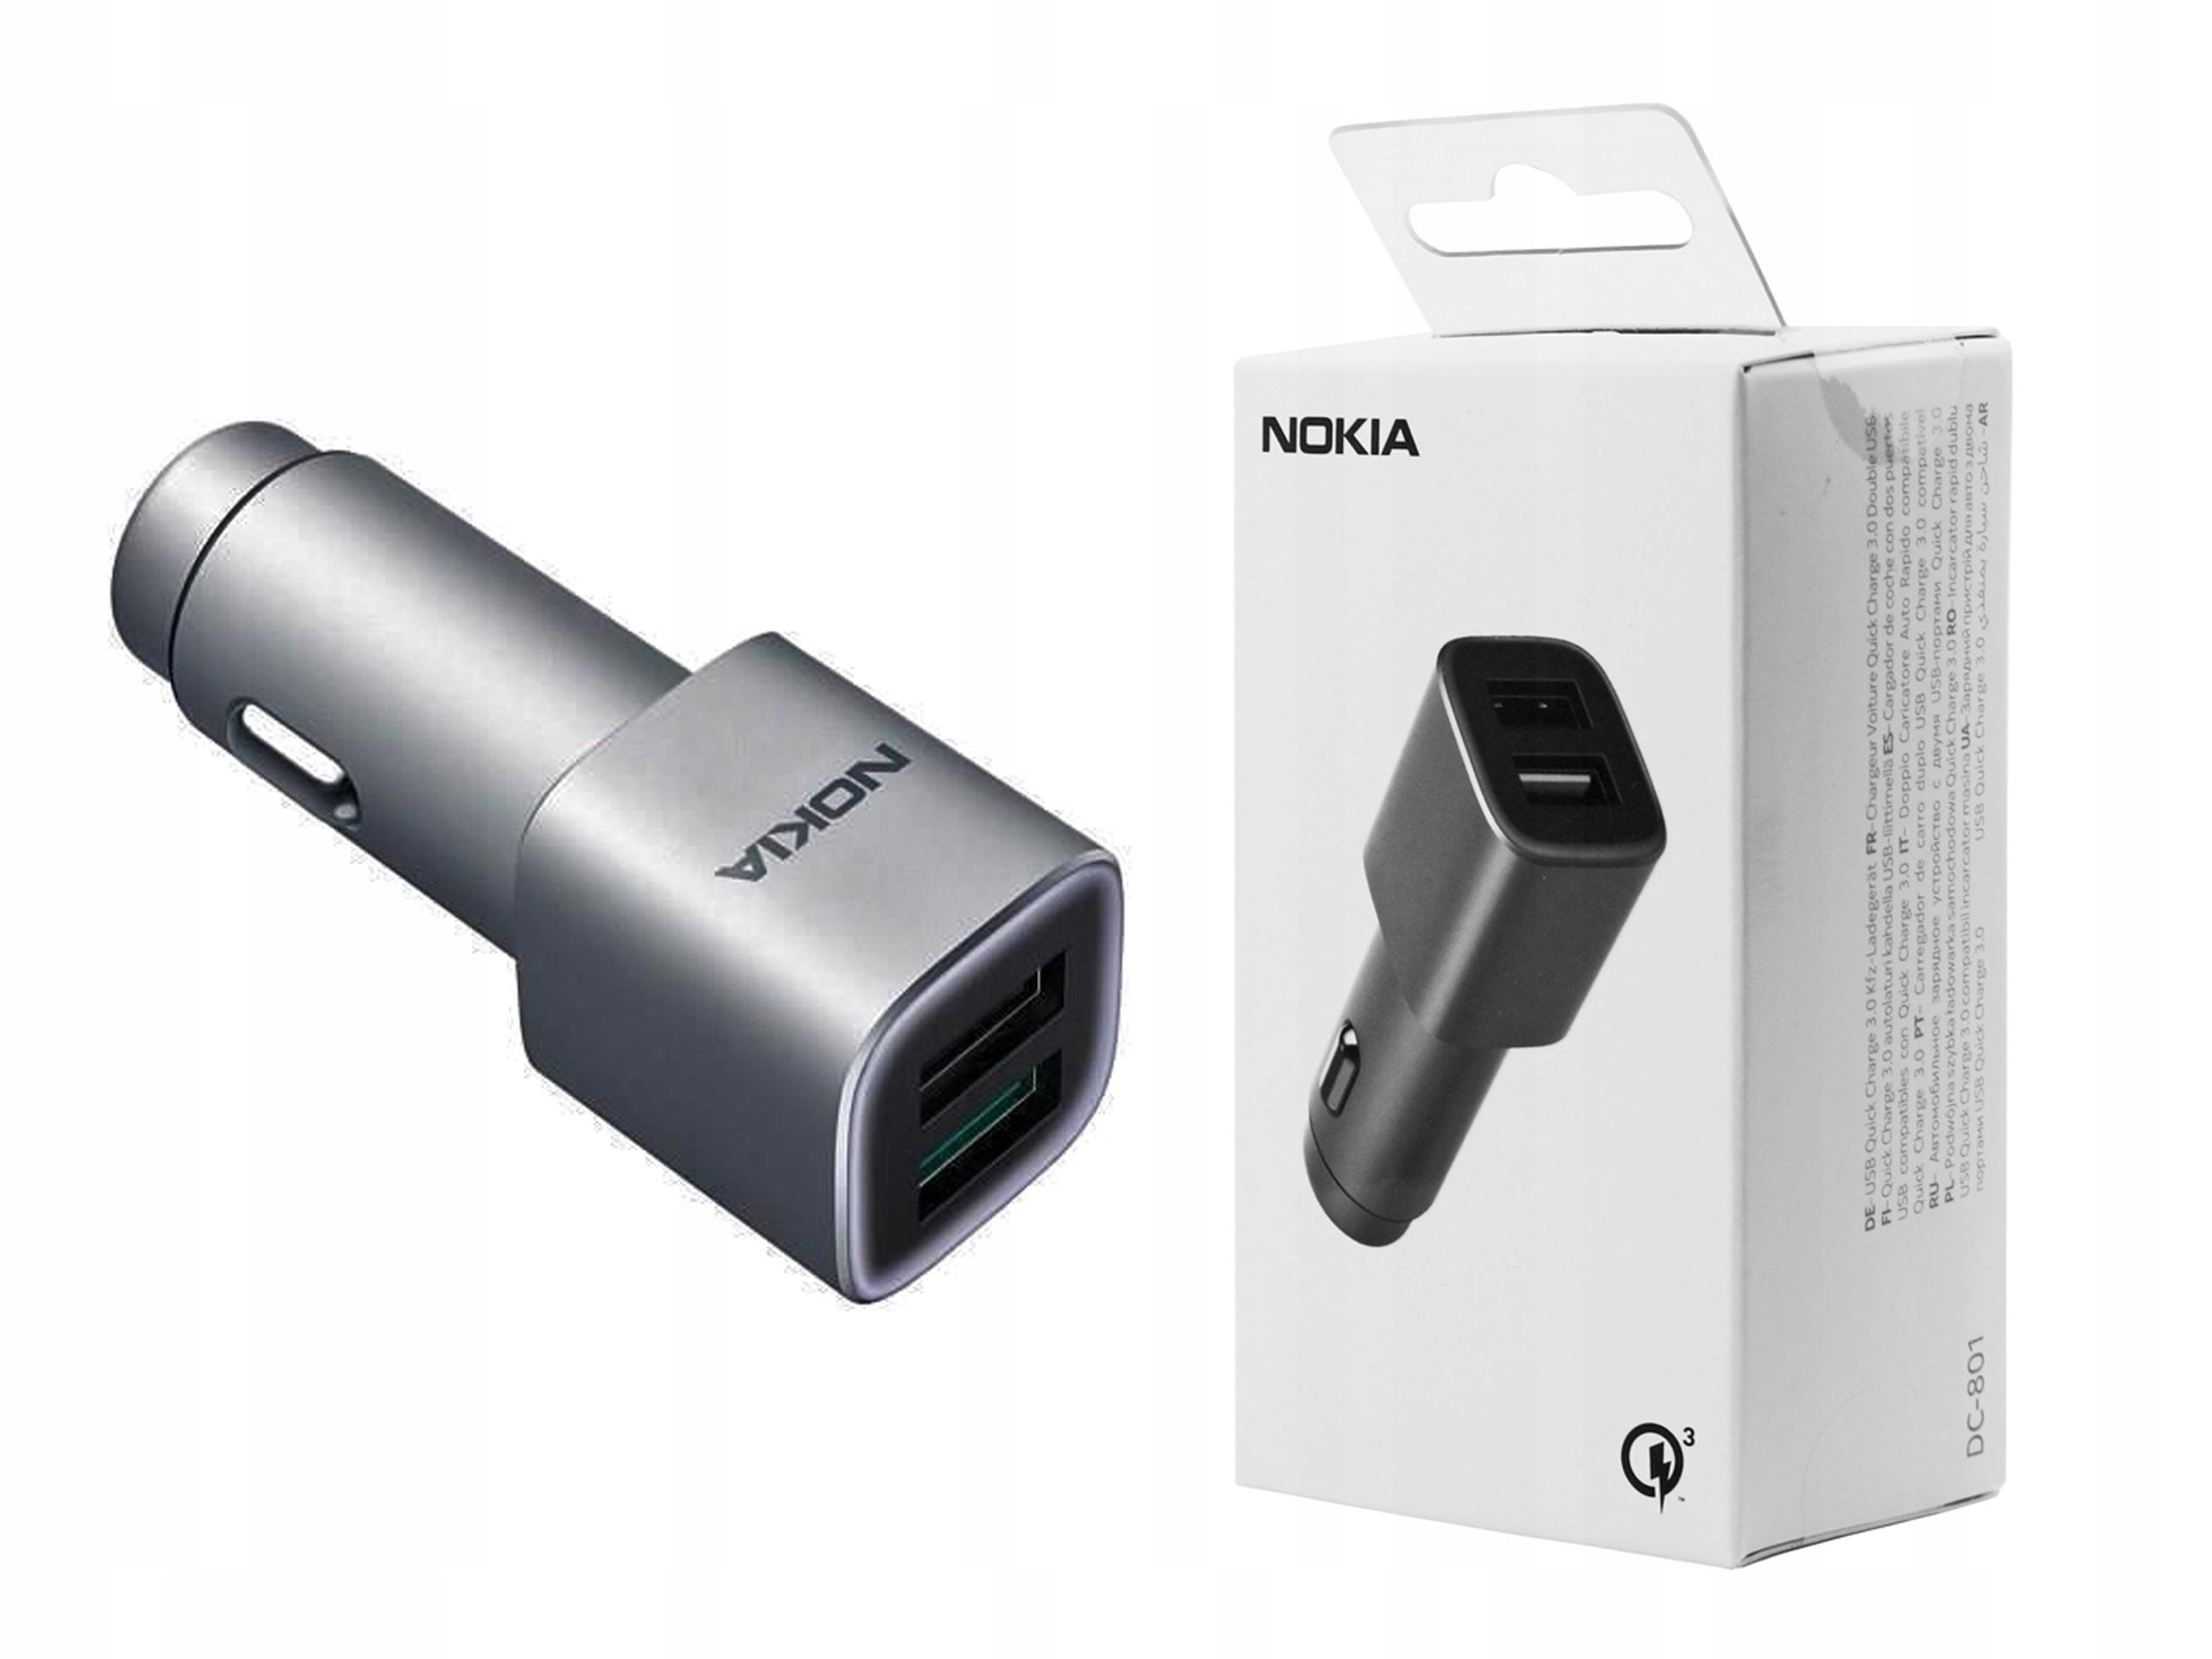 Oryg Ładowarka samochodowa Nokia QC 3.0 do Nokia 2